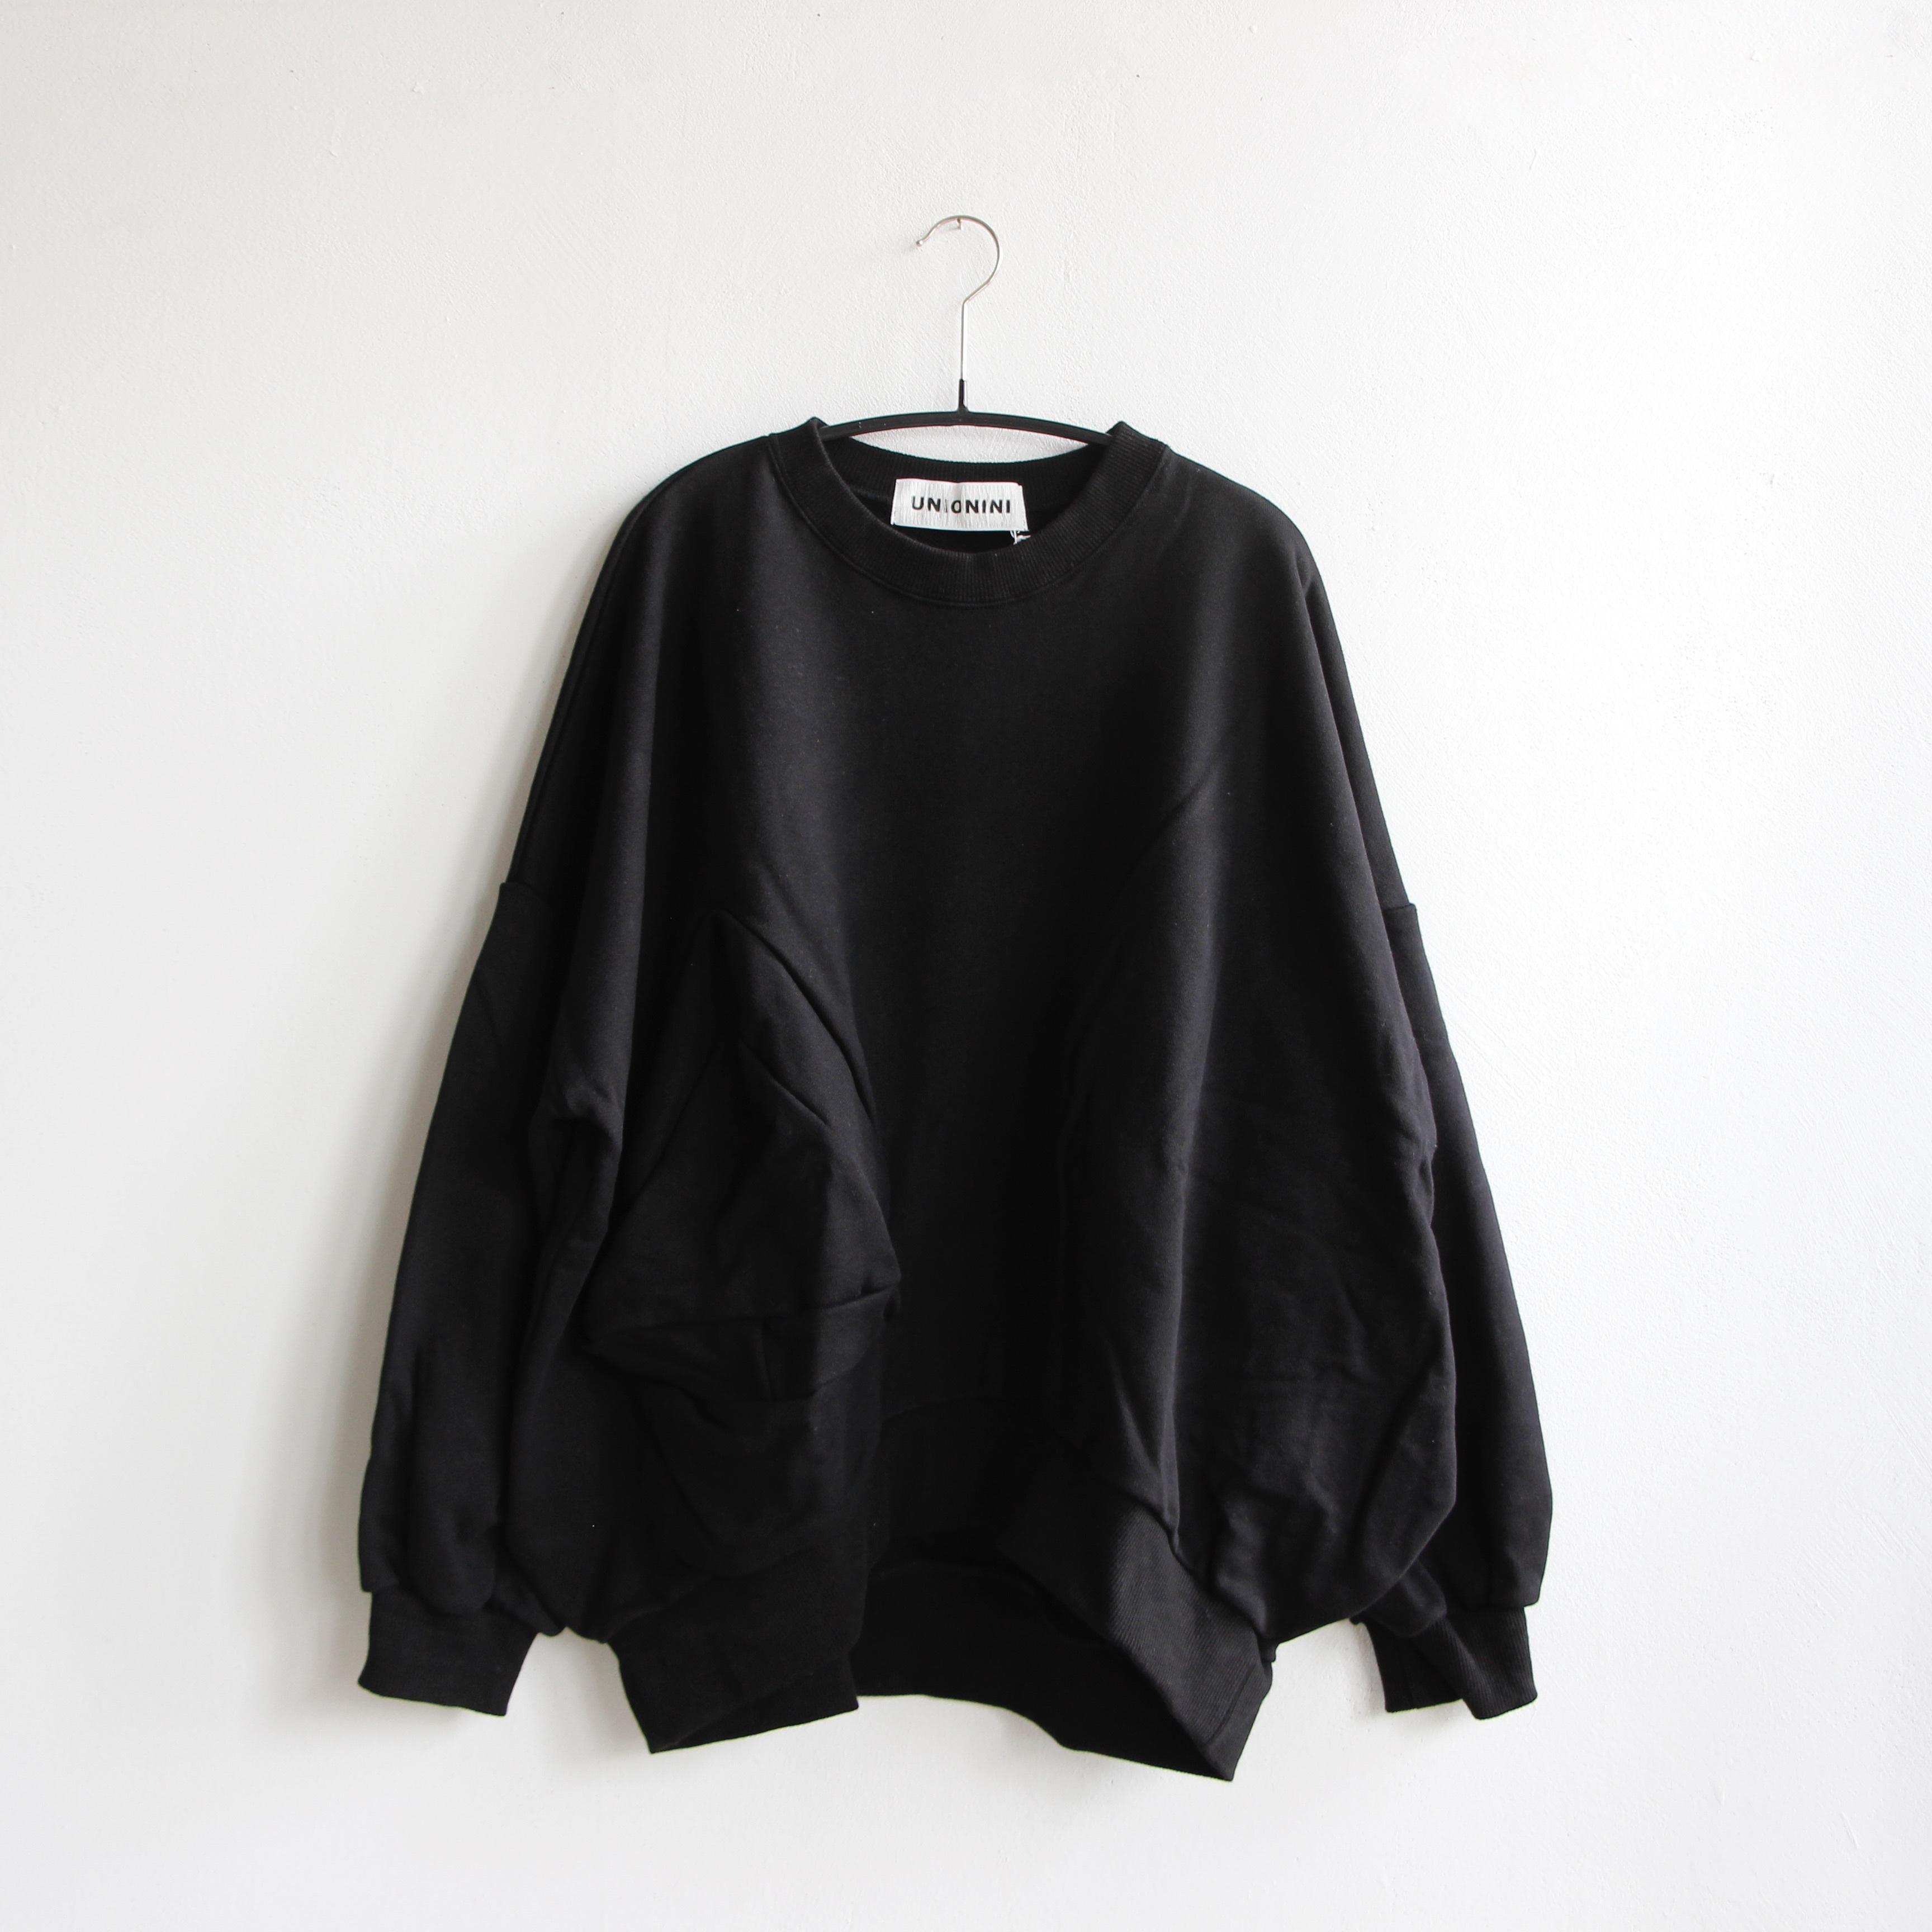 《UNIONINI 2020AW》◯△ sweat shirt / black / S・M